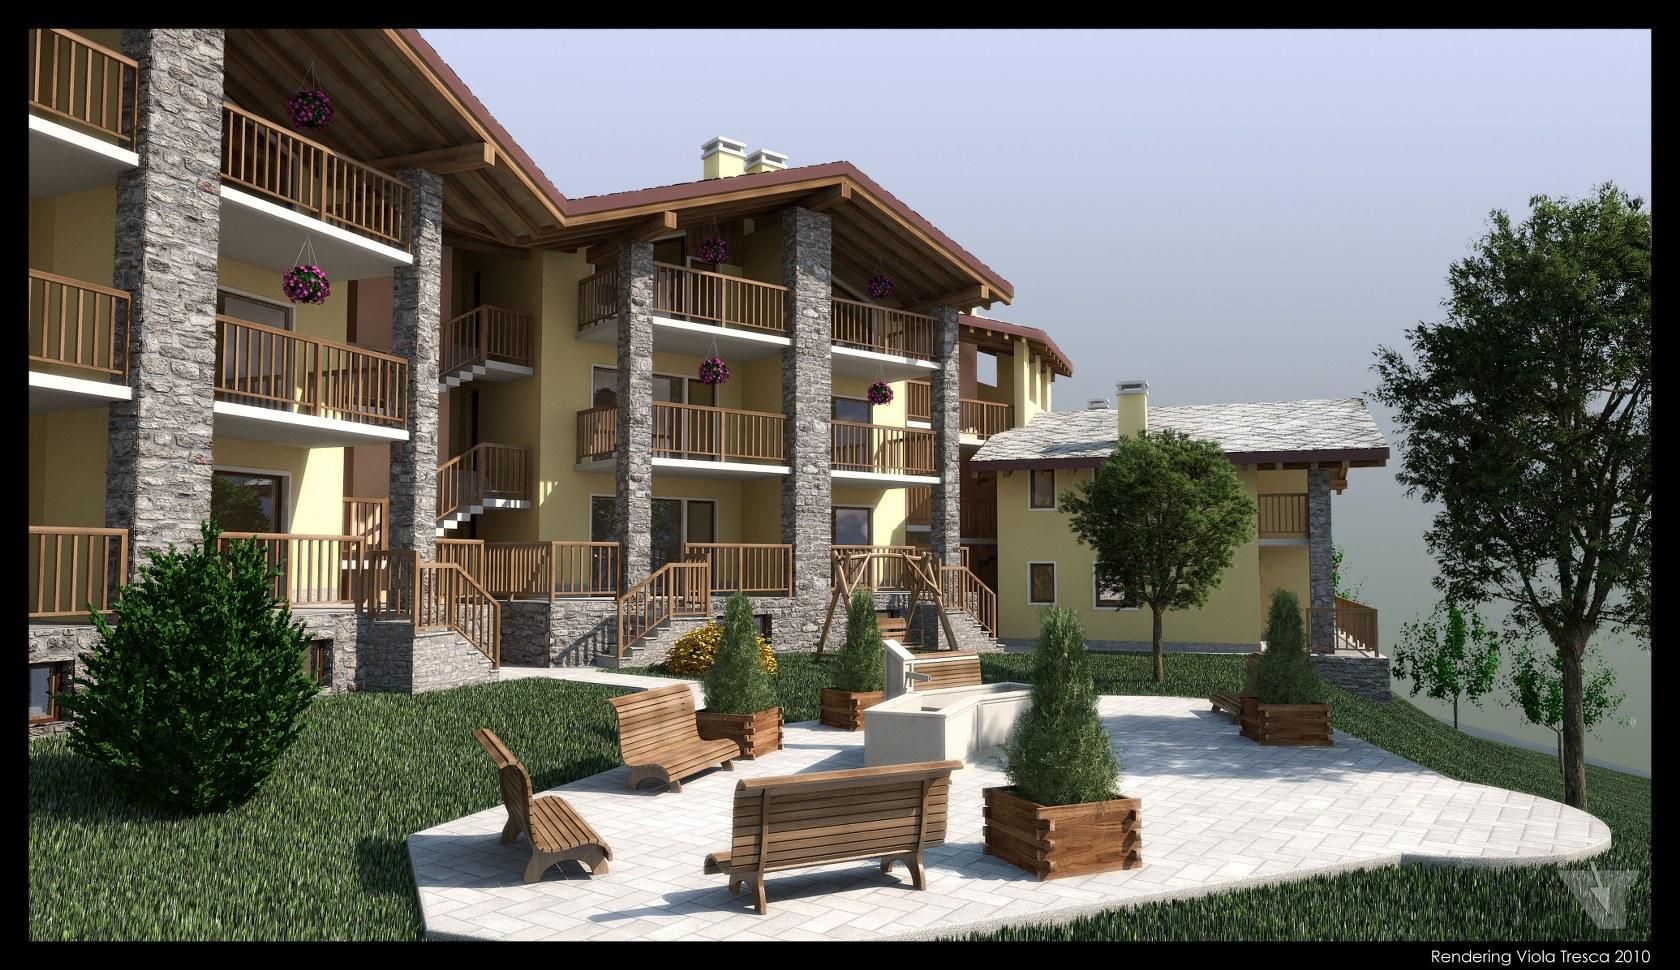 Appartamento in vendita a Quart, 2 locali, zona Zona: Villair, prezzo € 165.000 | CambioCasa.it